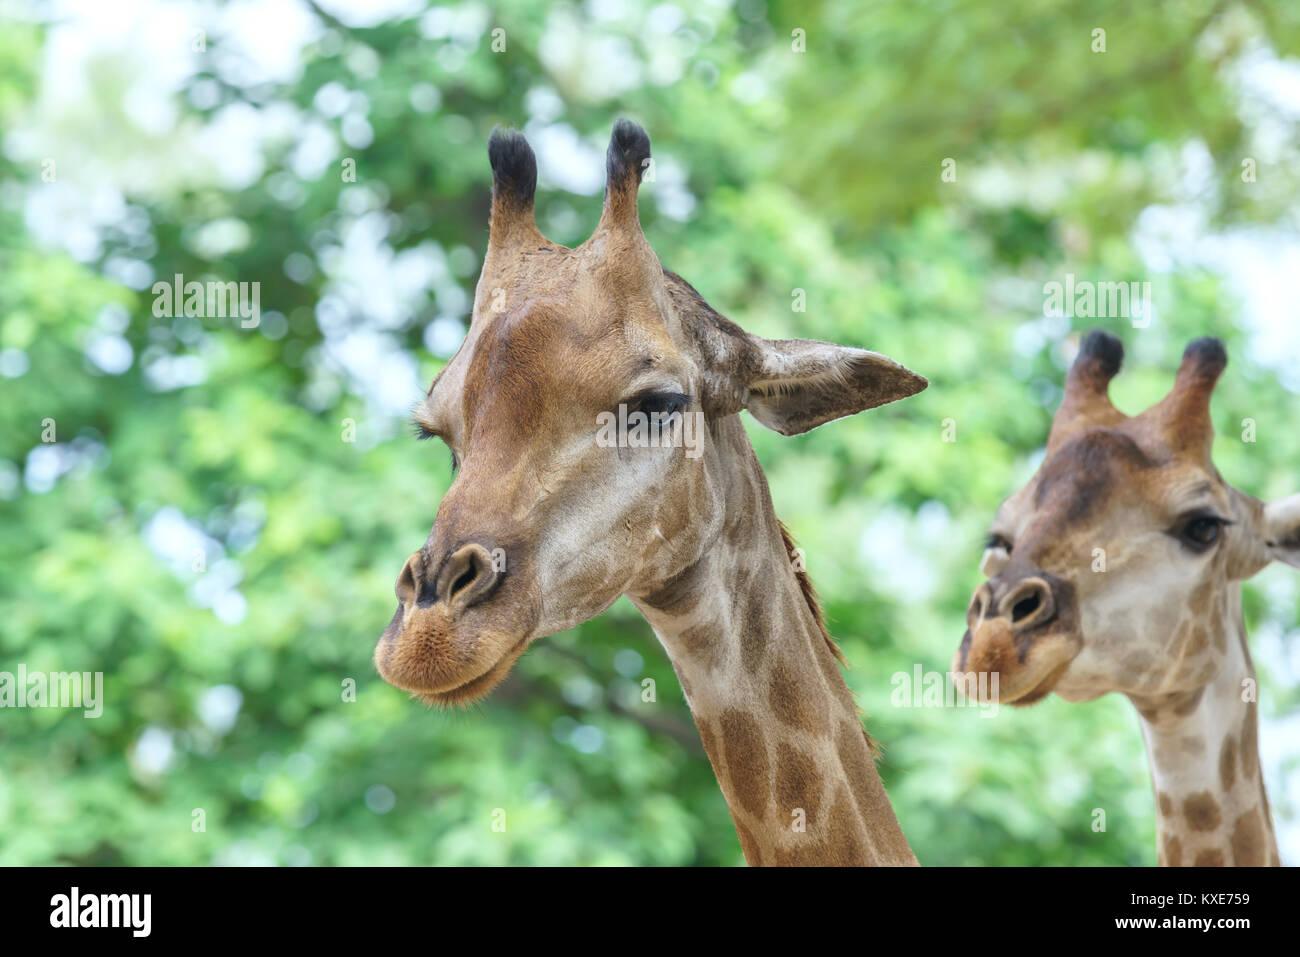 Portrait d'une girafe au long cou et tête drôle aide l'animal à trouver de la nourriture Photo Stock